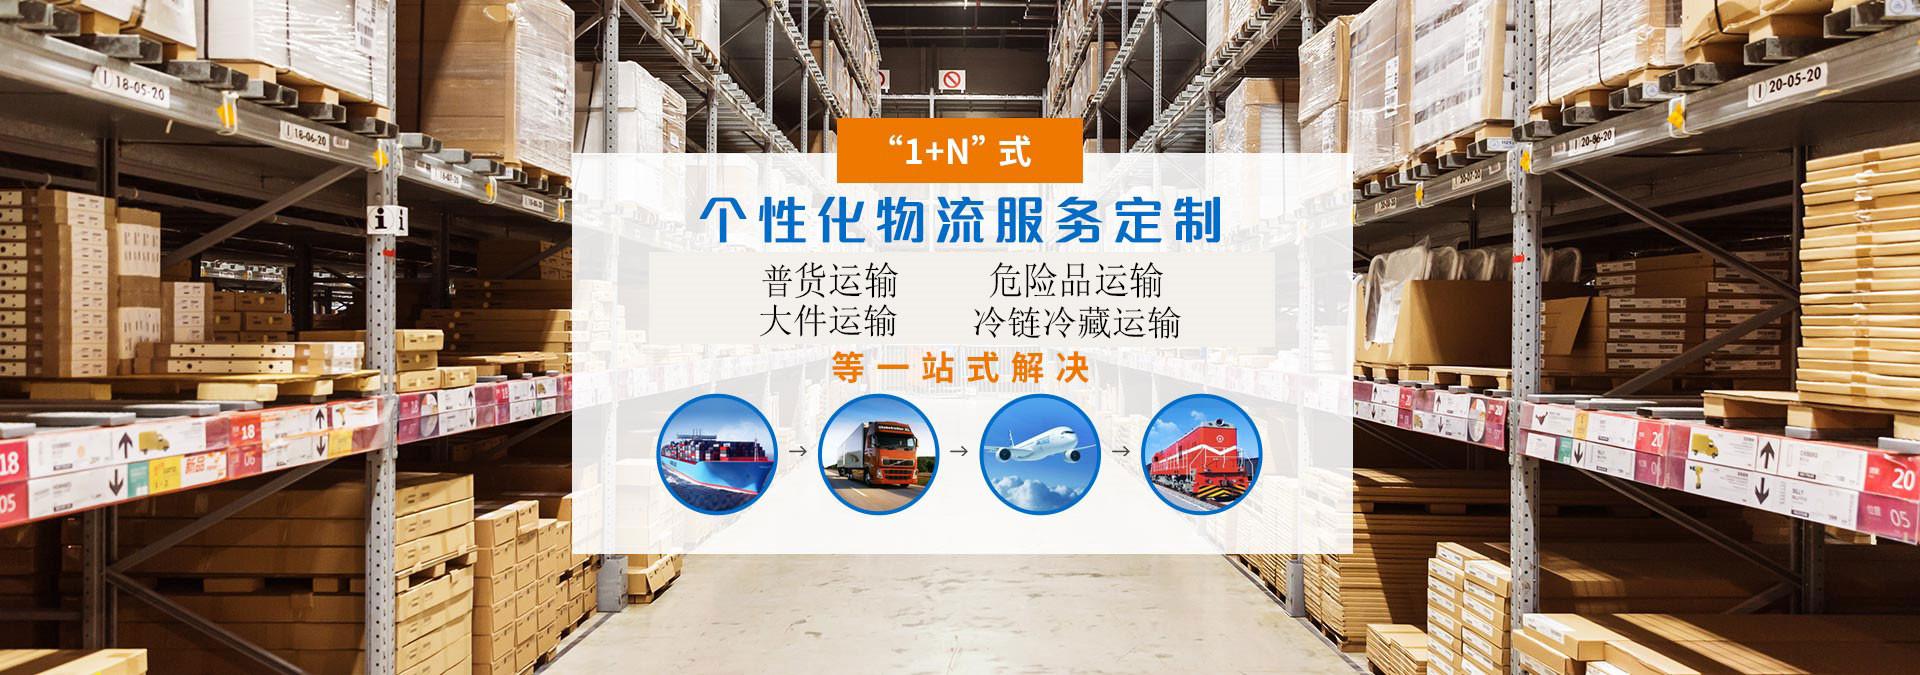 惠州到都匀物流专线-惠州到都匀物流公司哪家便宜